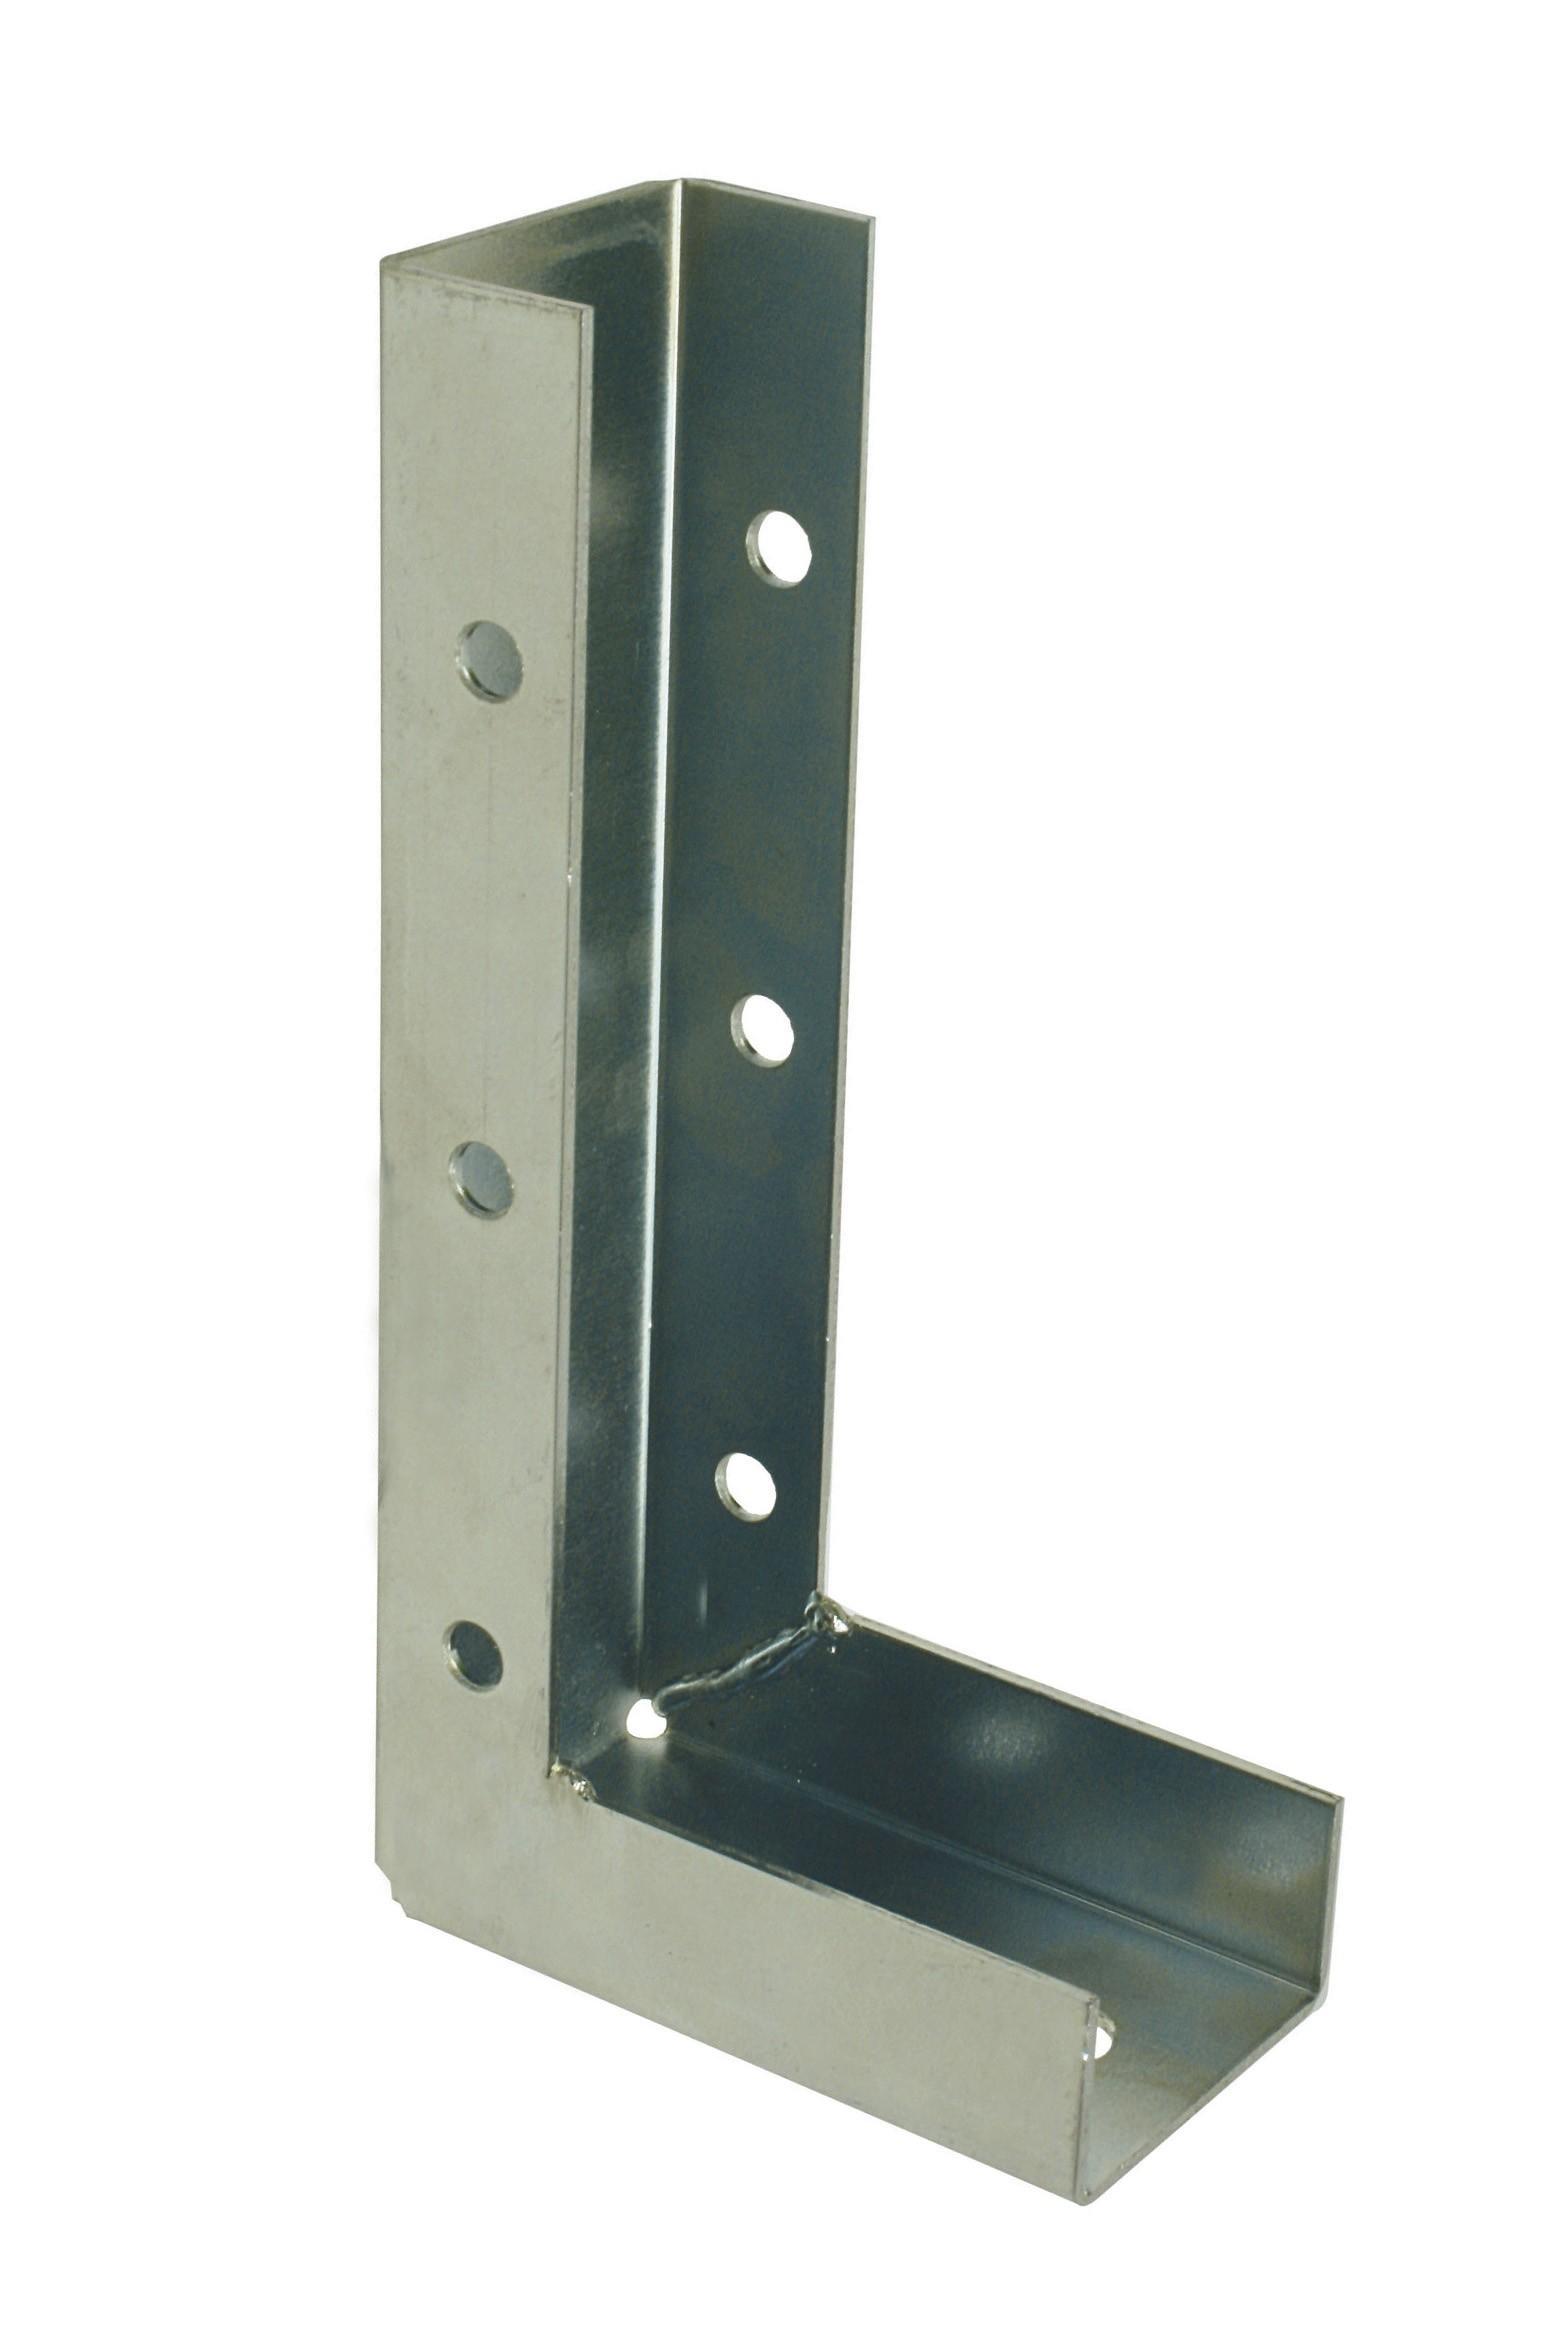 Positionneur de blocs d'assise 200x100 105x2 EV